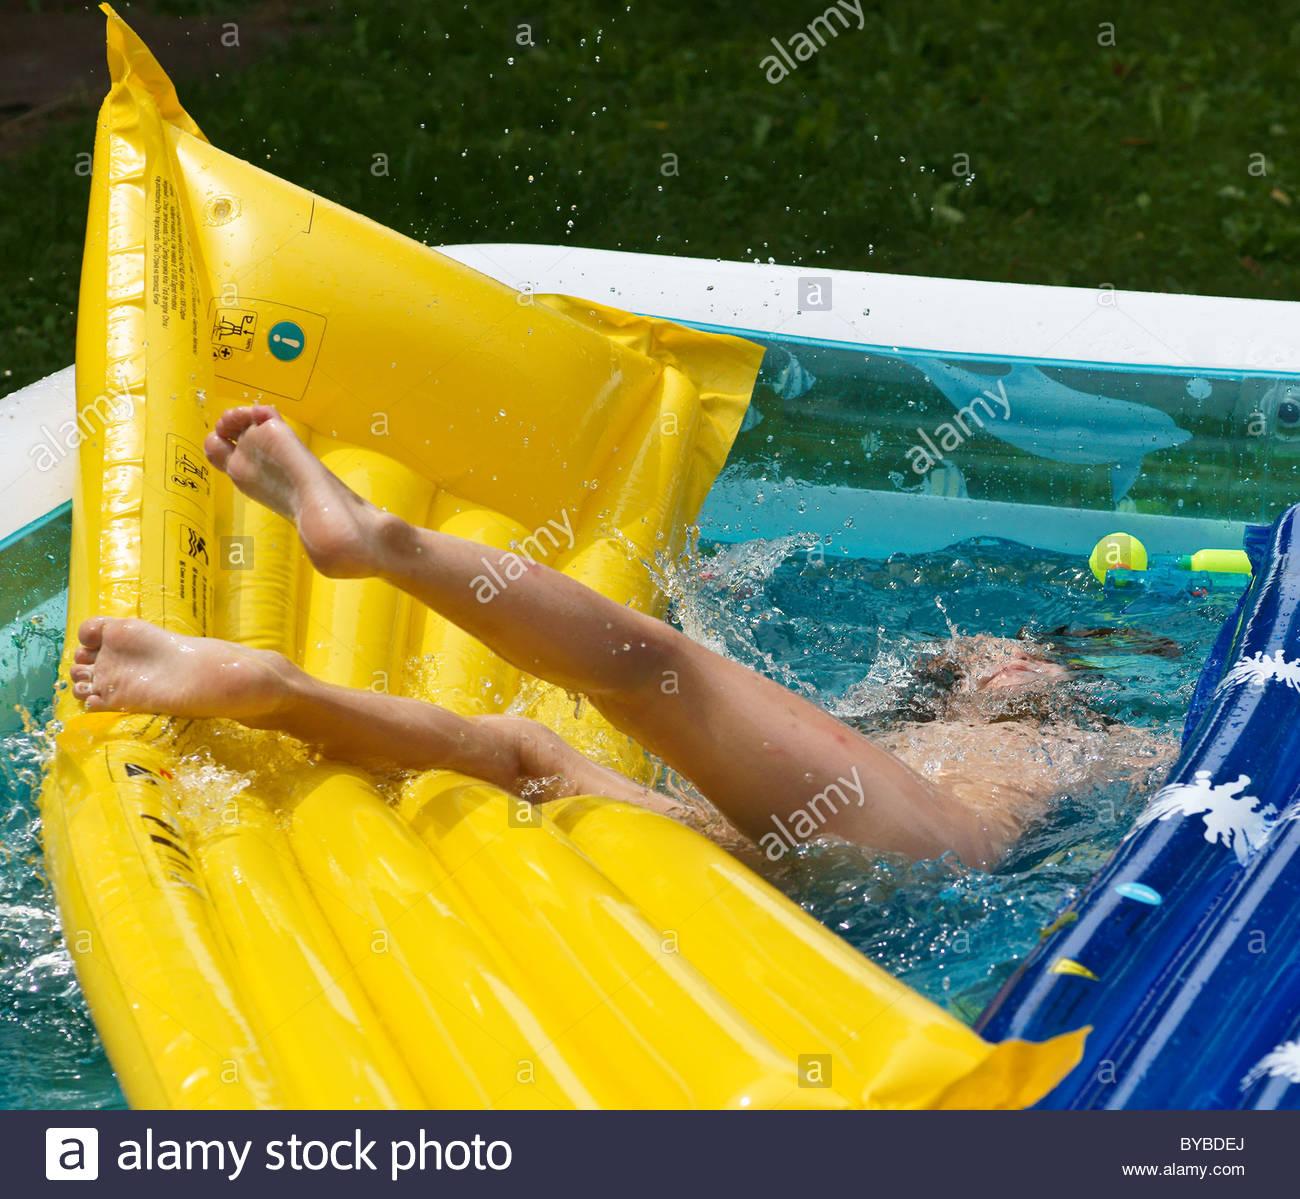 Swimmingpool im garten kinder  Kleinkind Kind junge... halben ertrinken Kunststoff aufblasbarer ...